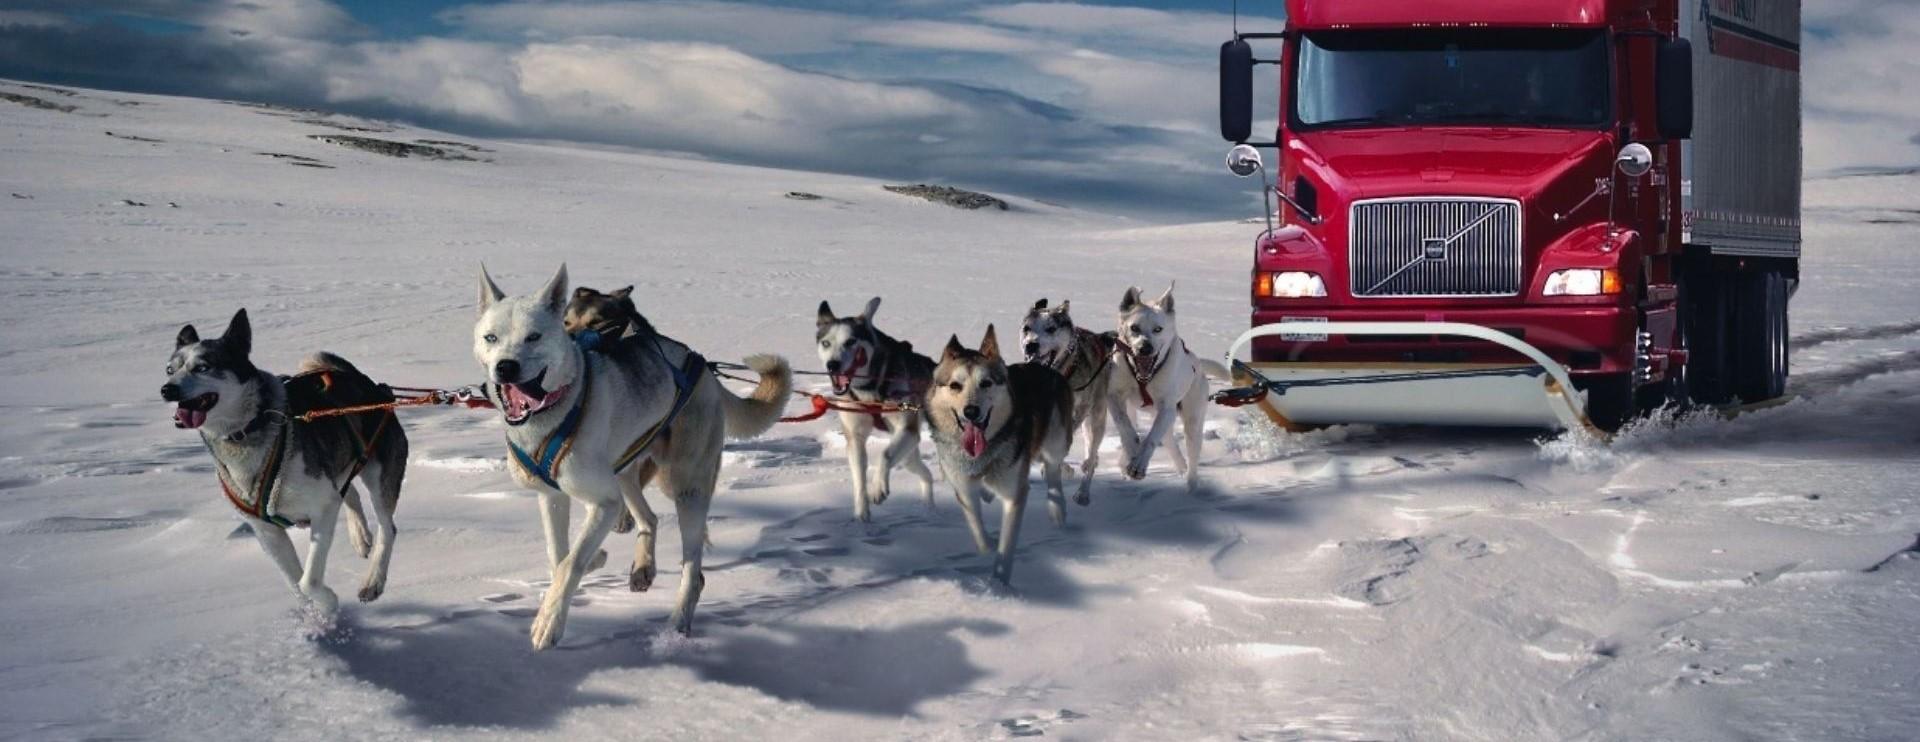 Crăciunul este foarte aproape! TOP 5 cadouri pentru un șofer de camion